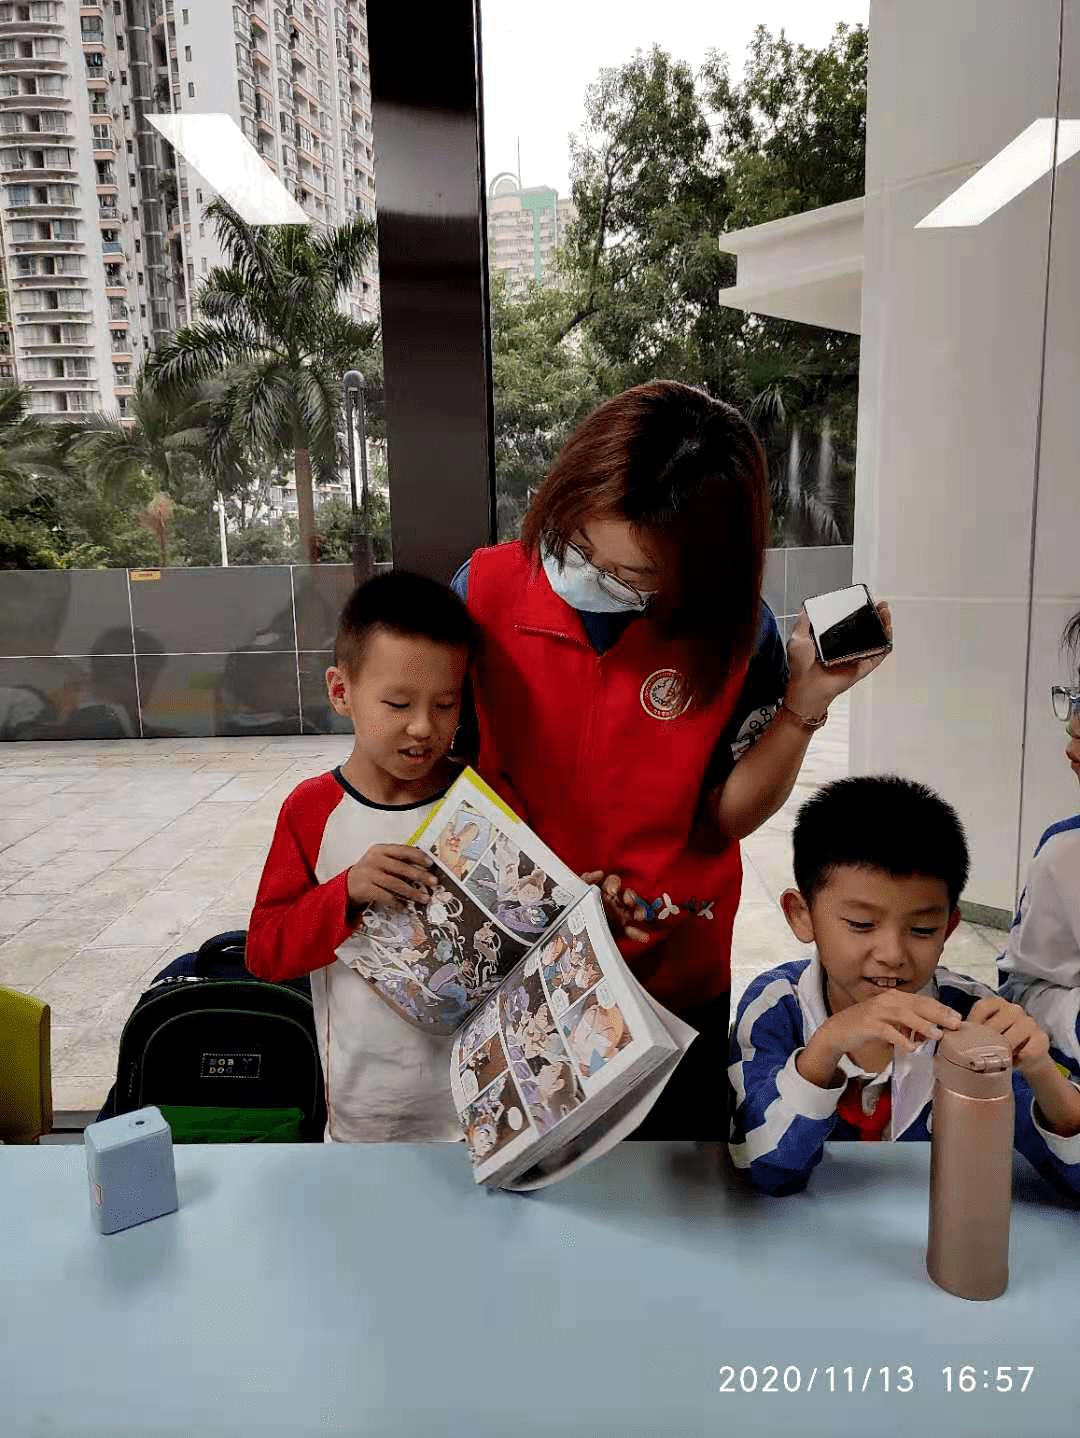 悦享读书,花样成长!狮岭社区阅读沙龙来了